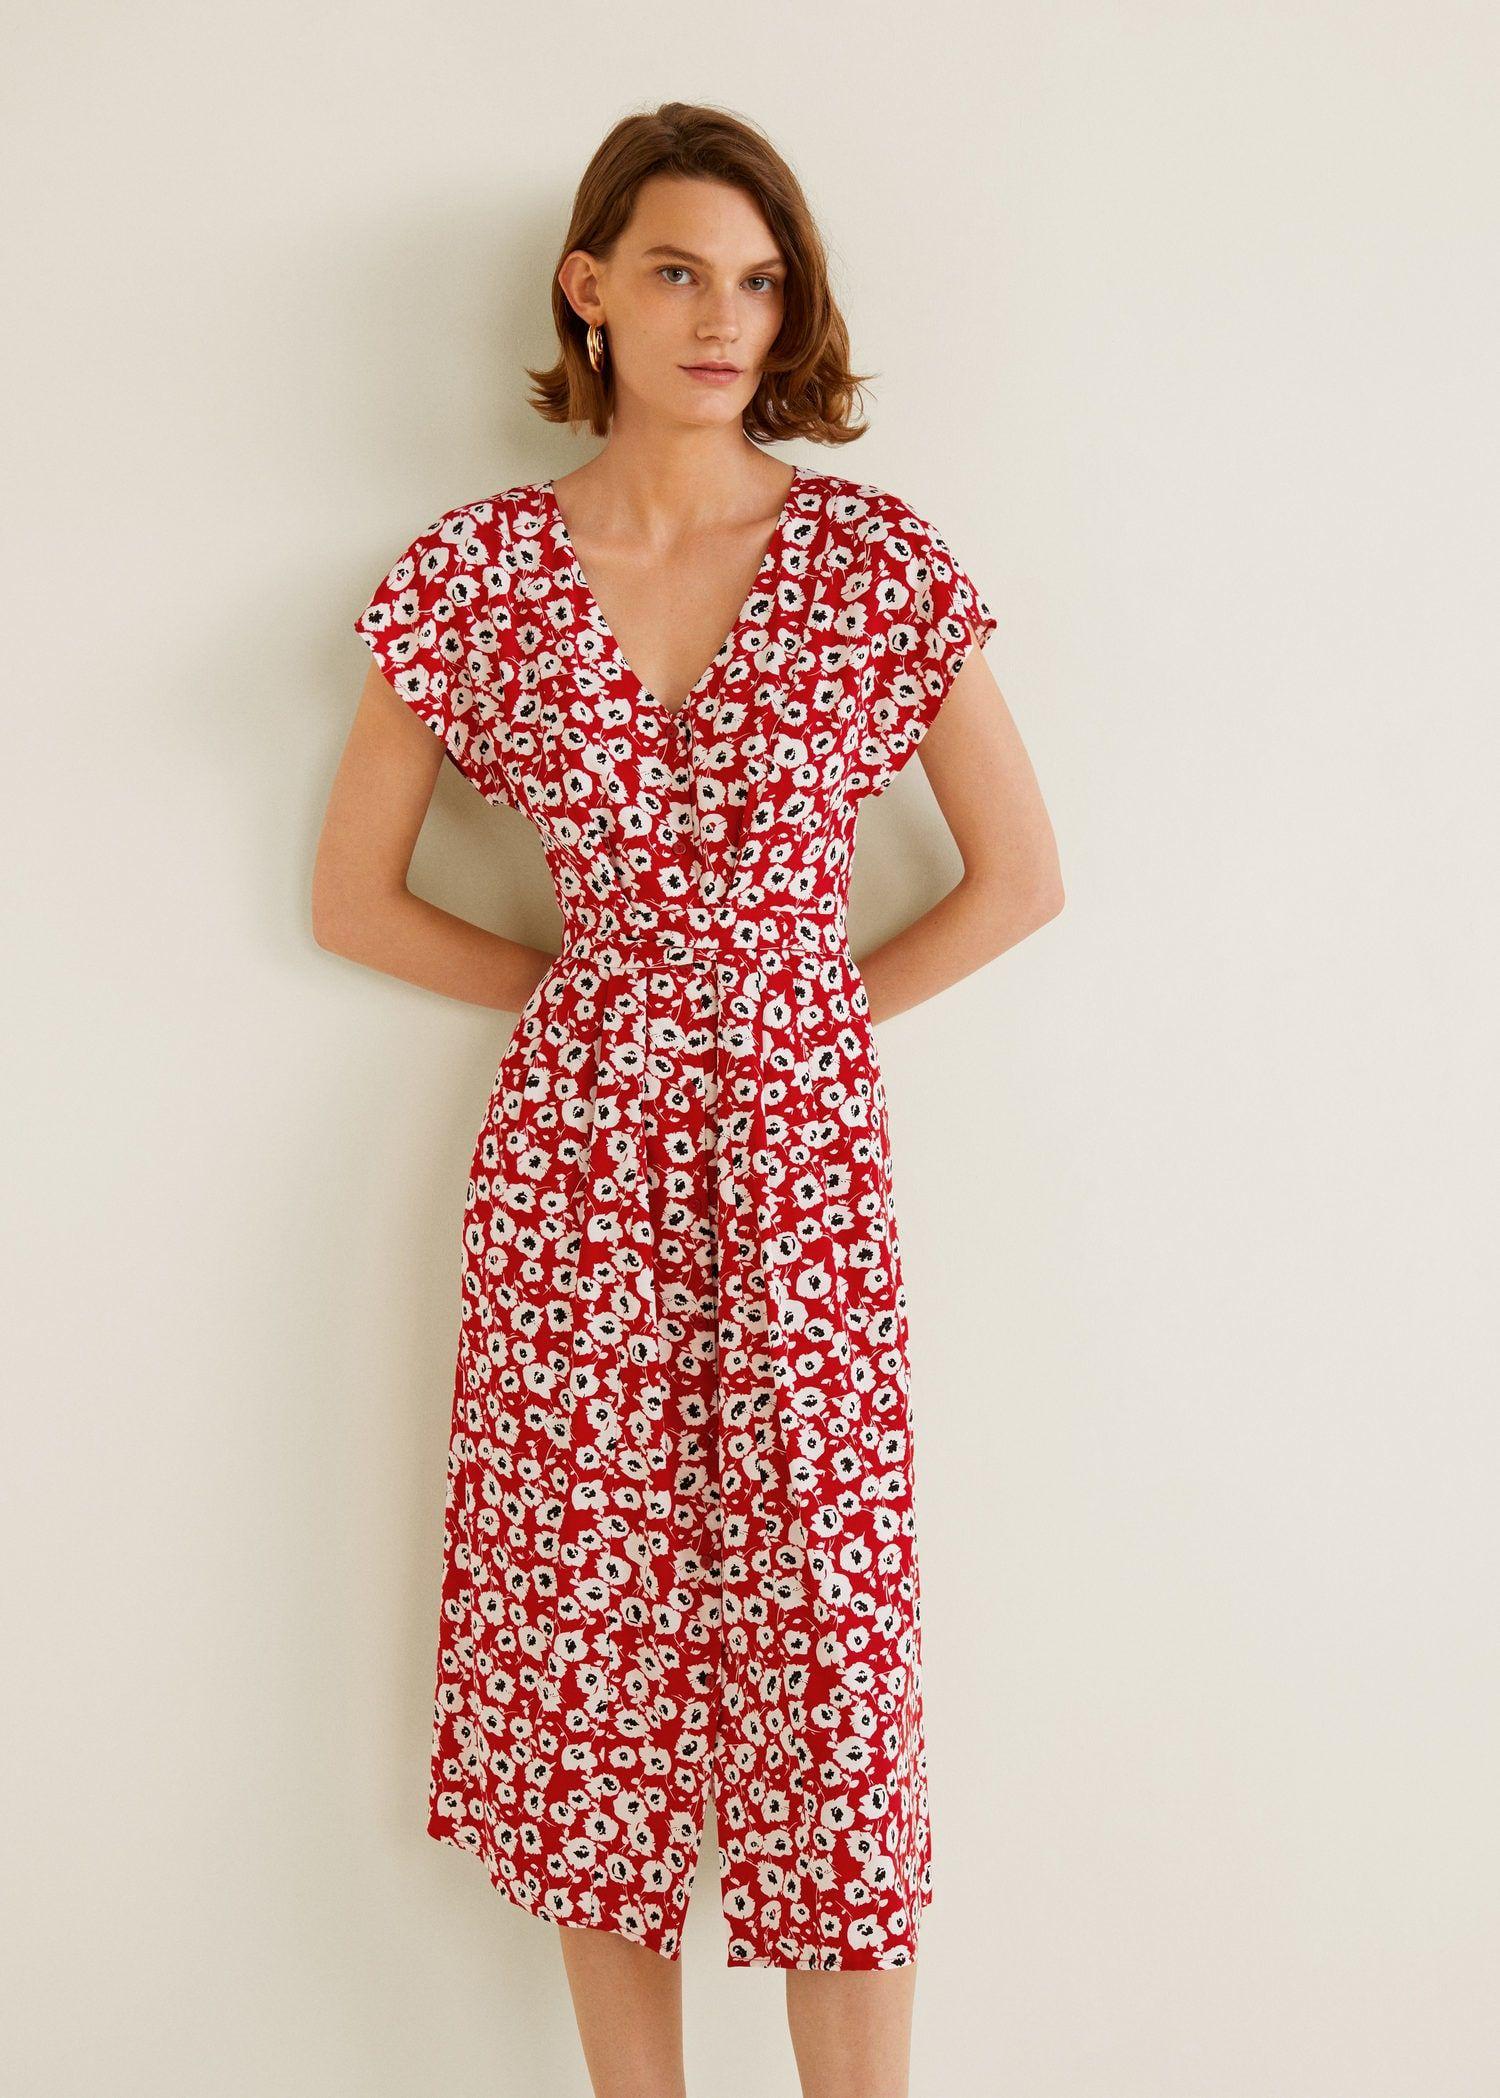 Midi Printed Dress Woman Mango Canada Vestido Estampado Vestido De Flores Cortos Vestidos De Mujer